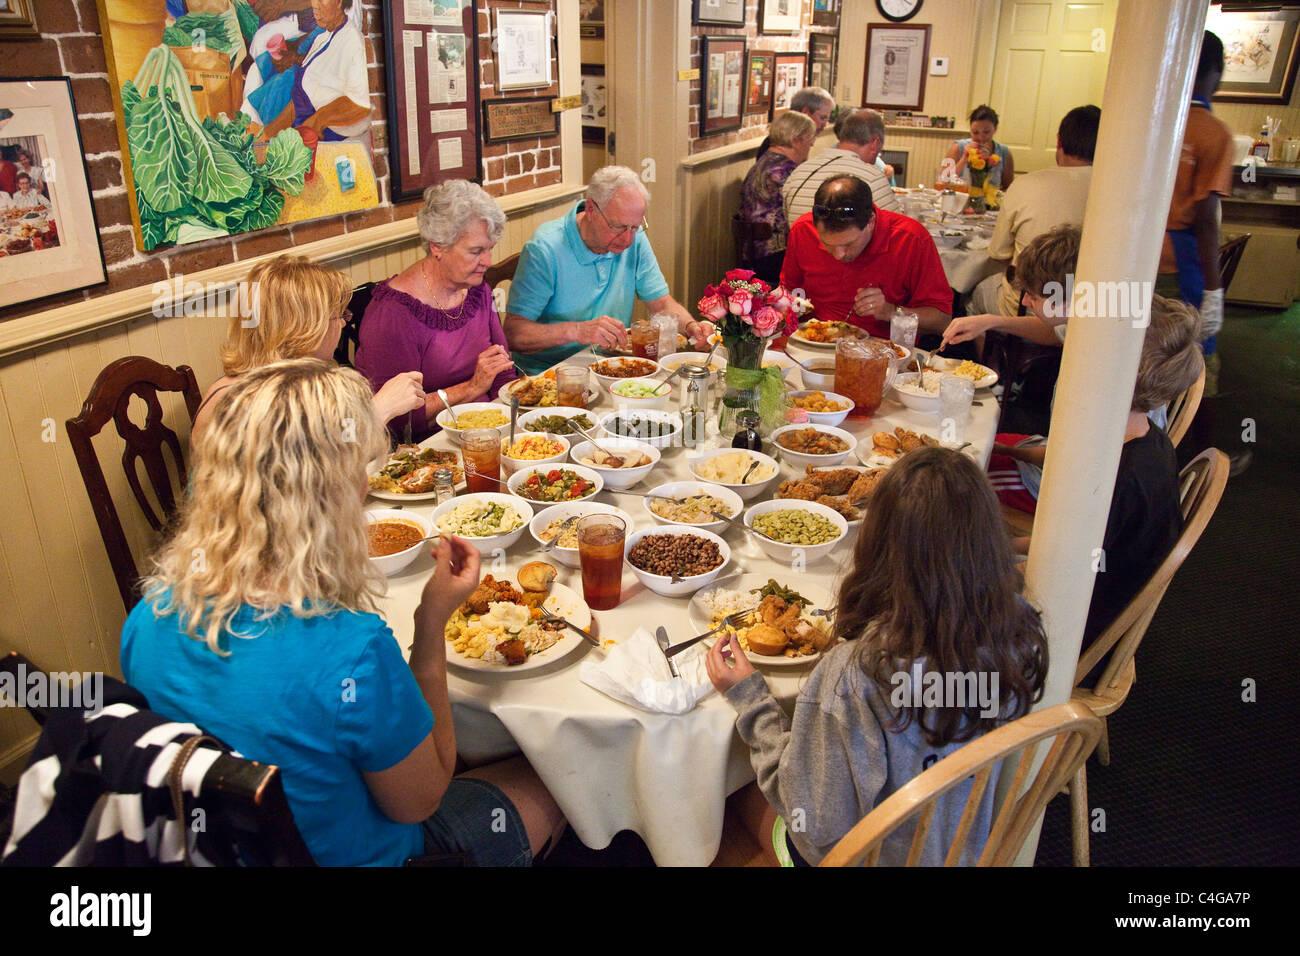 mrs wilkes dining room savannah georgia | Mrs. Wilkes' Dining Room, the Wilkes House restaurant ...